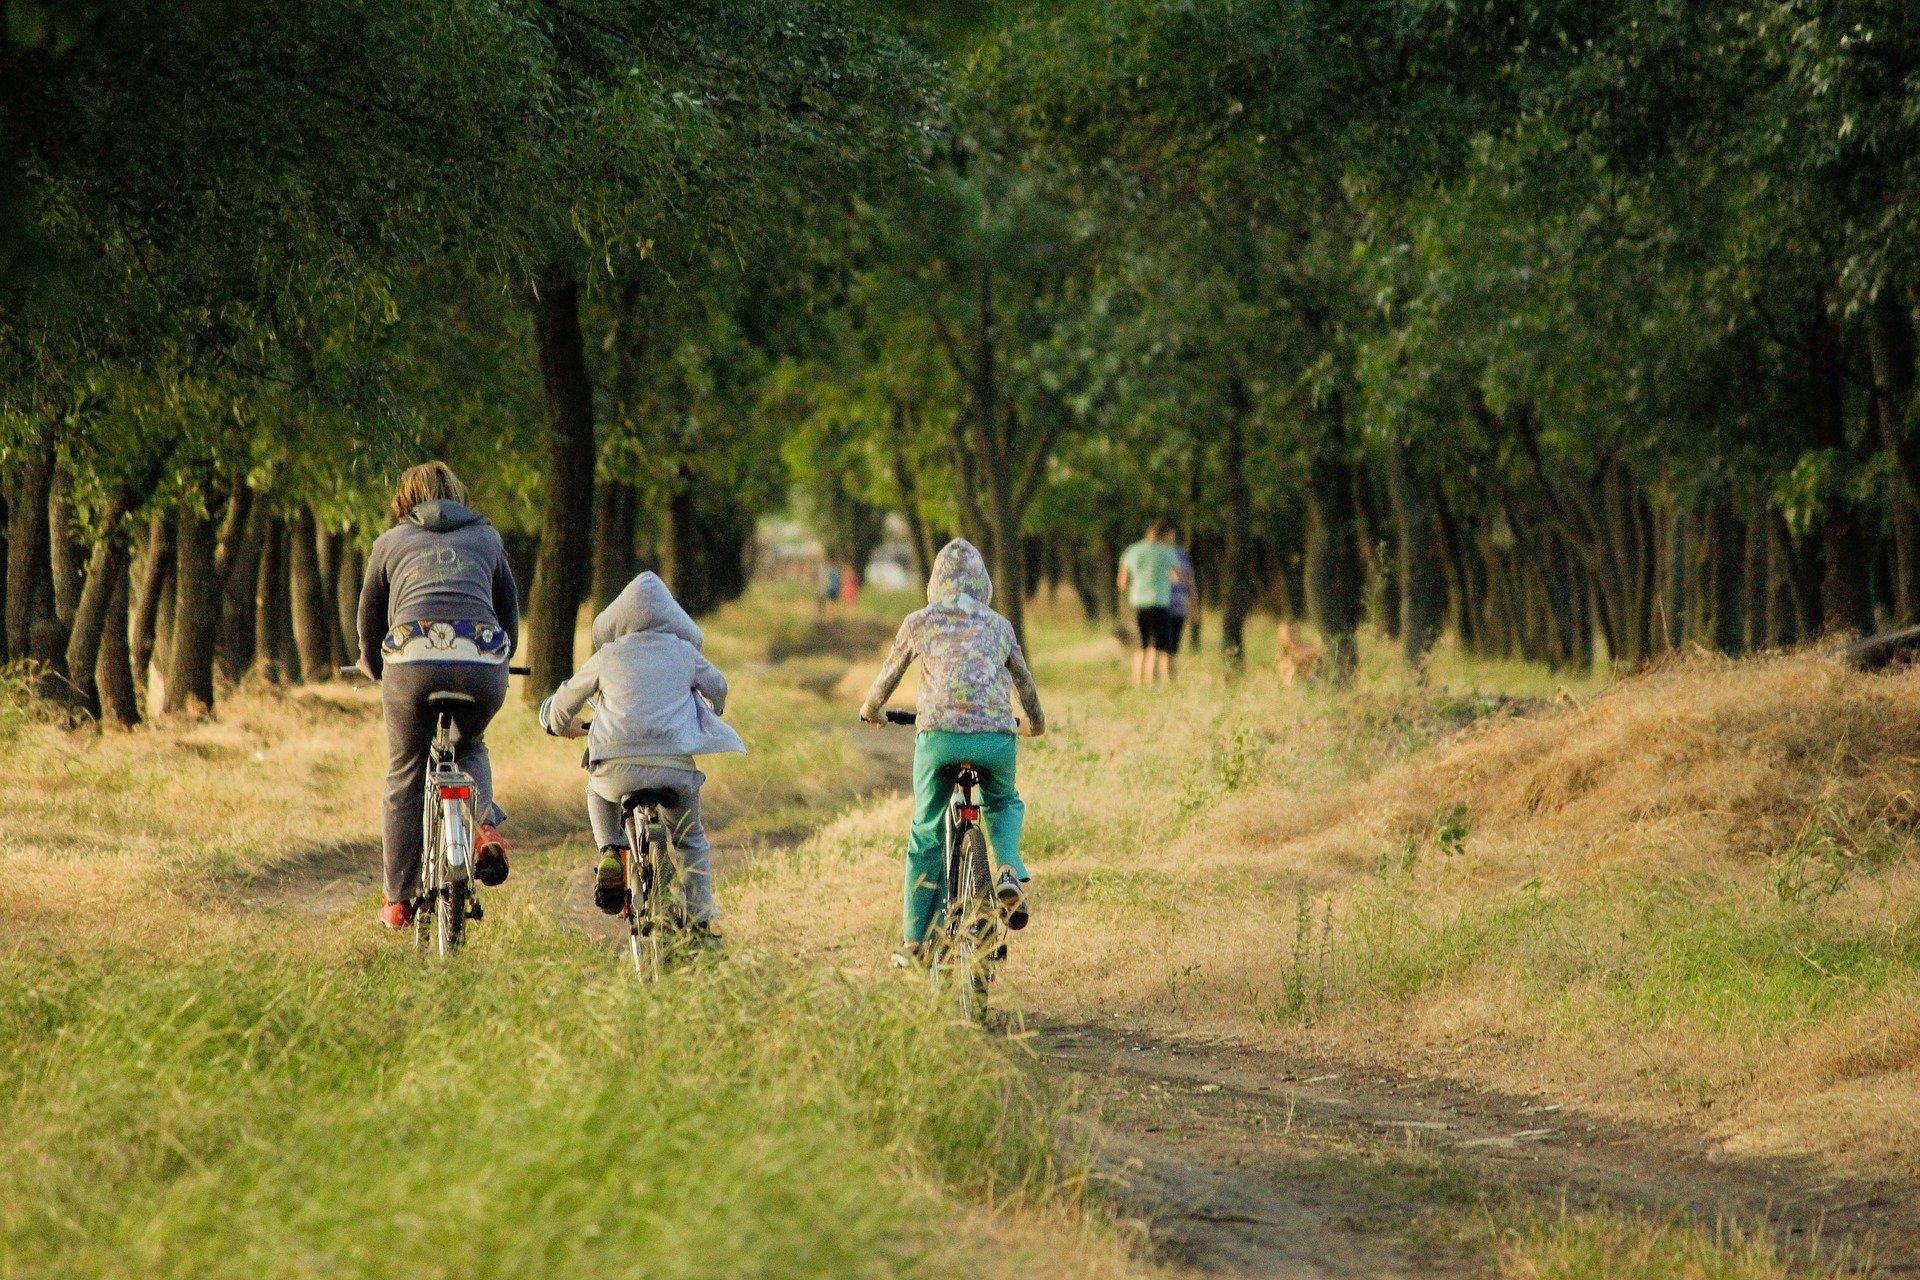 vacances vélo en famille - saint laurent à vélo - vélo québec - québec à vélo